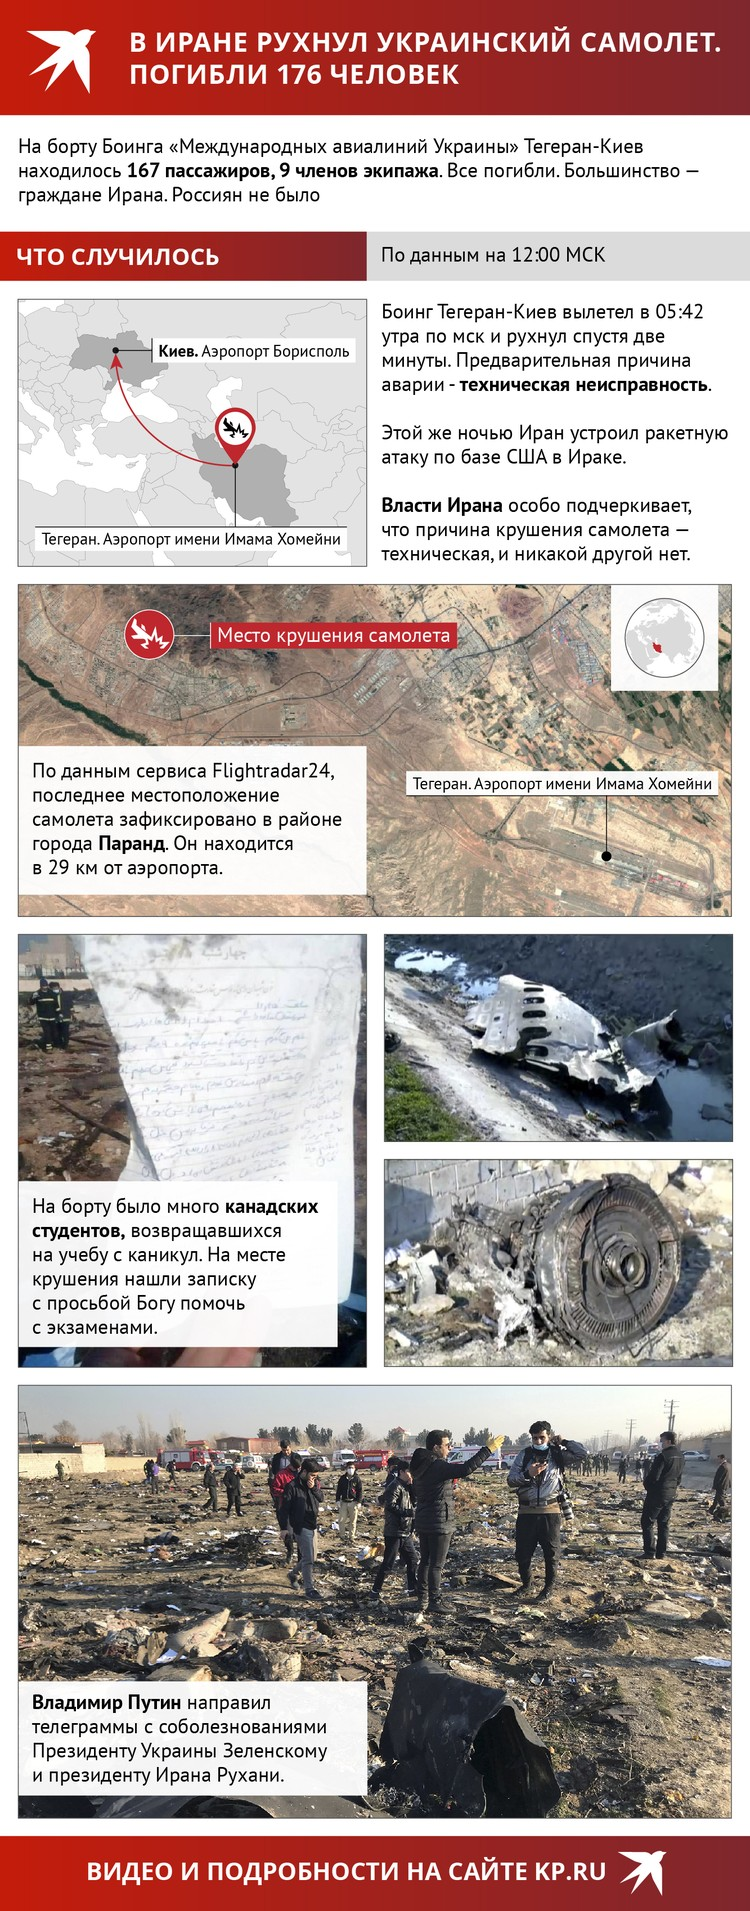 Хроника авиакатастрофы под Тегераном.